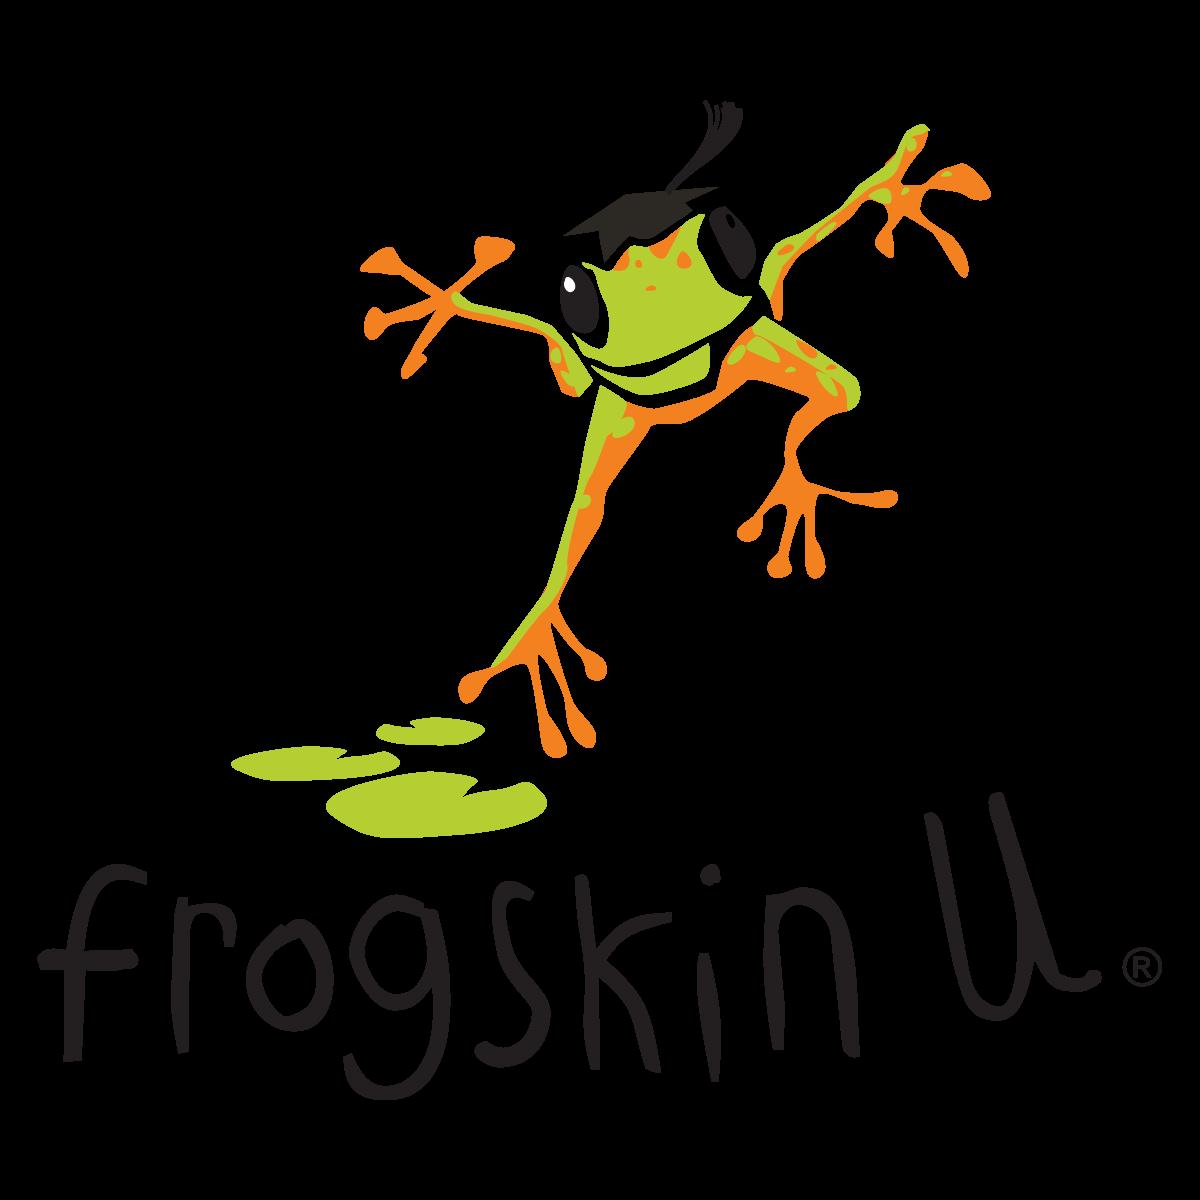 FrogskinU-Frog